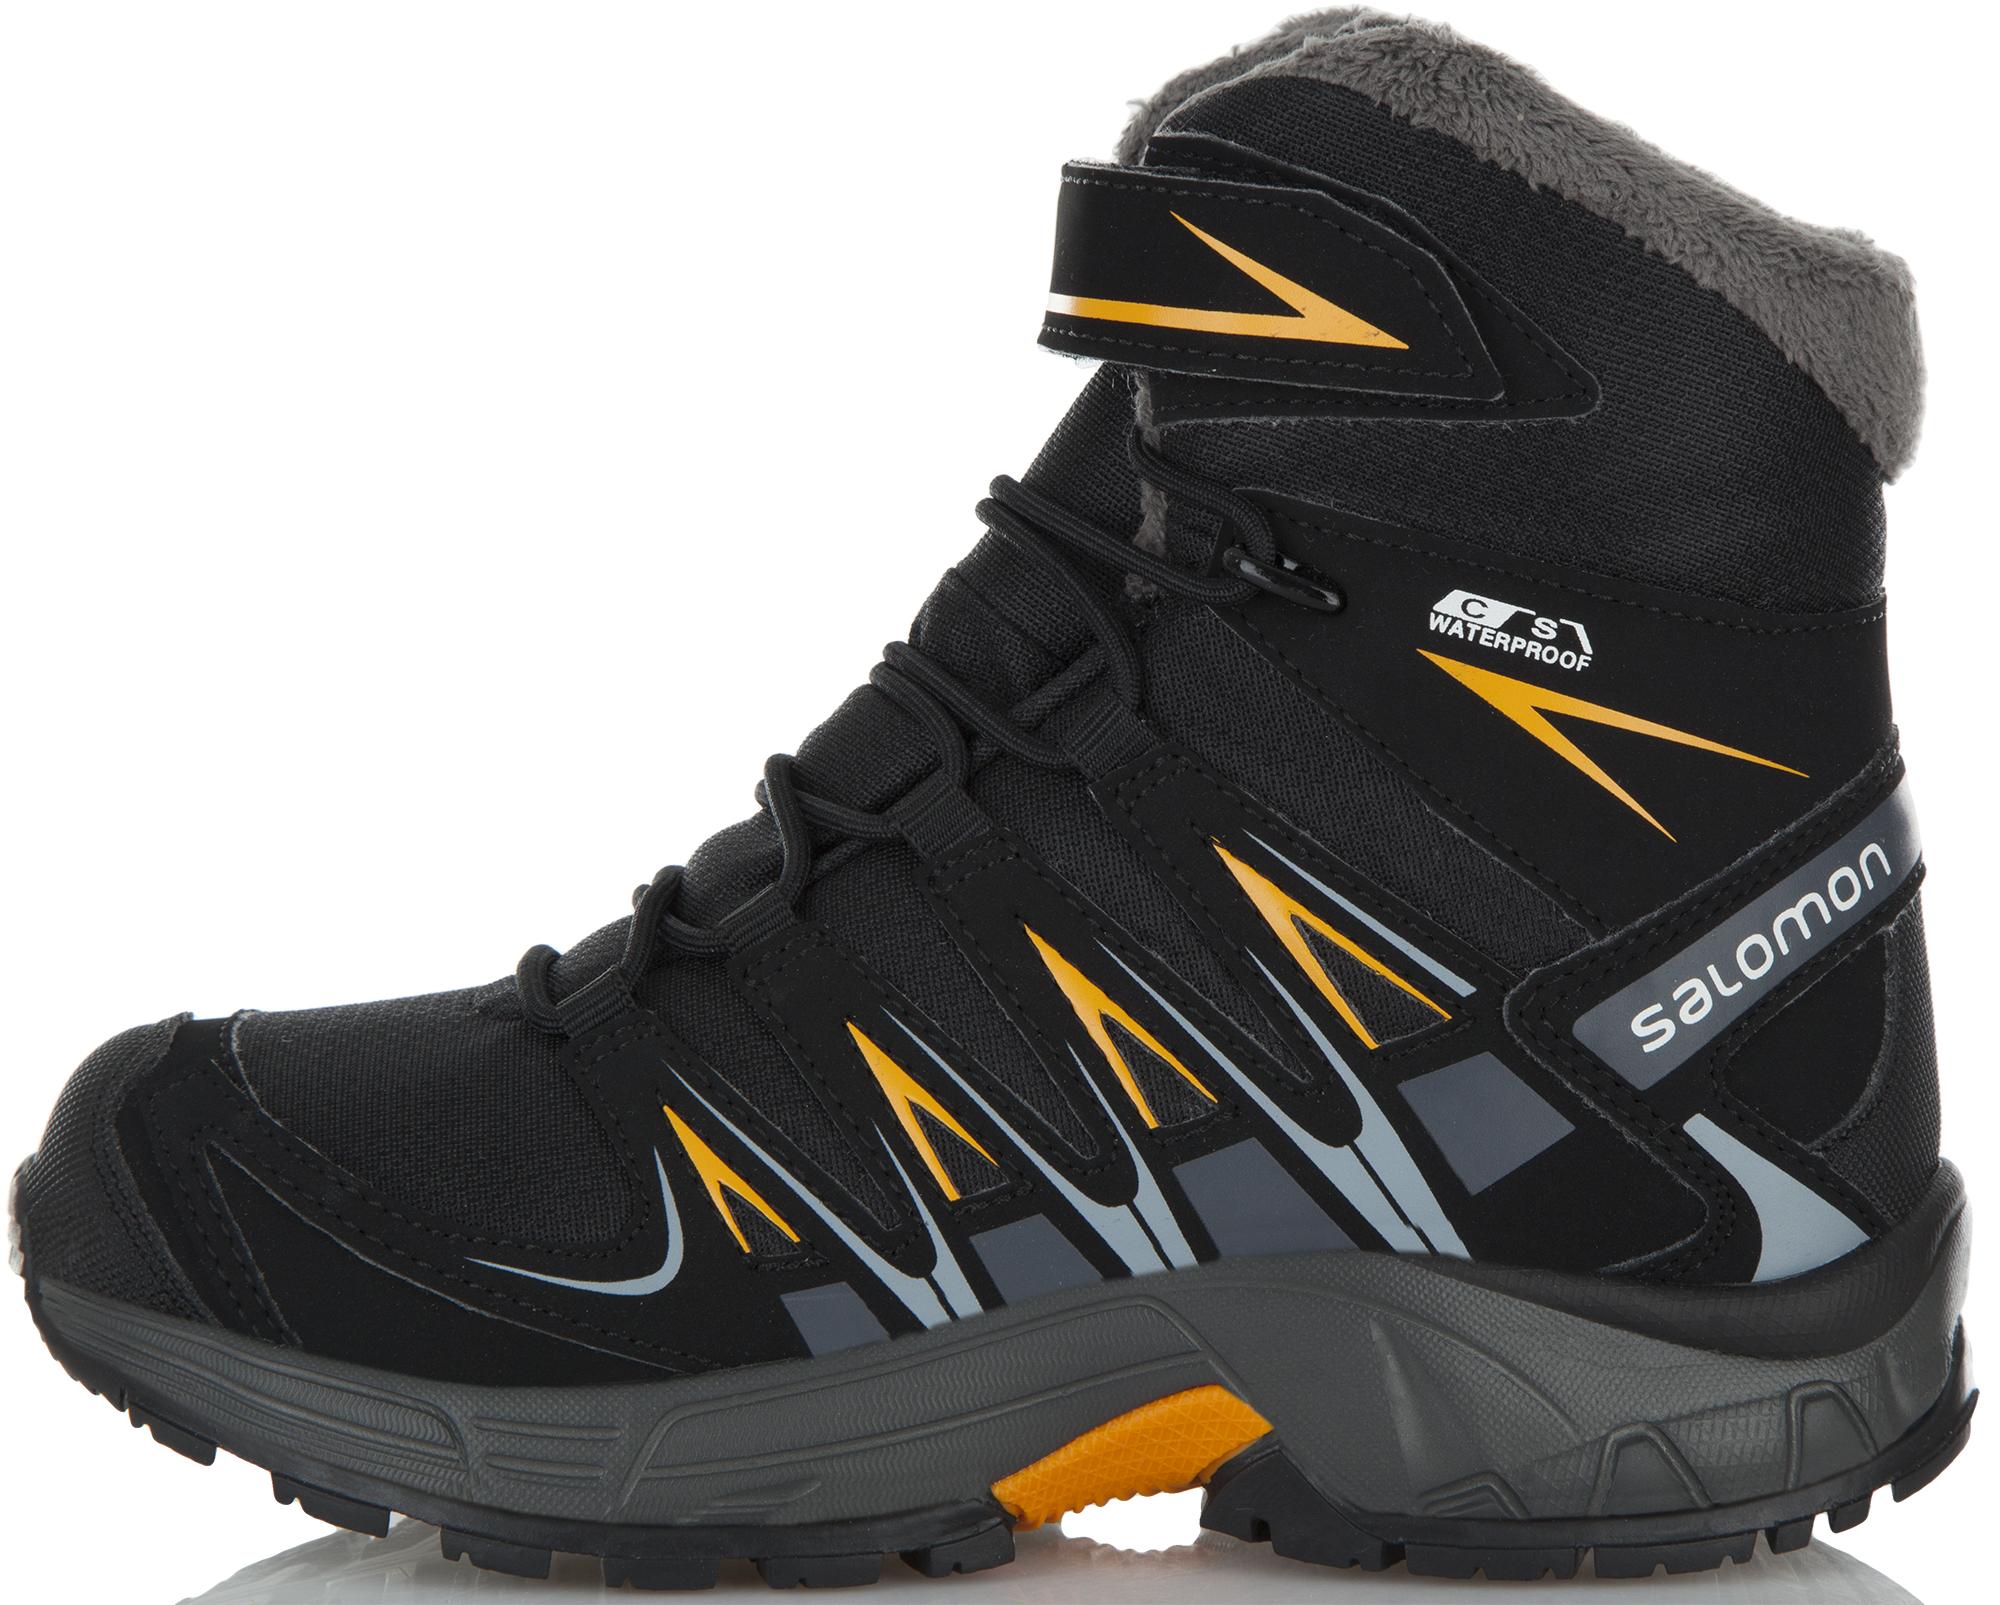 где купить Ботинки Salomon Сапоги утепленные для мальчиков Salomon Xa Pro 3D Winter, размер 36 по лучшей цене